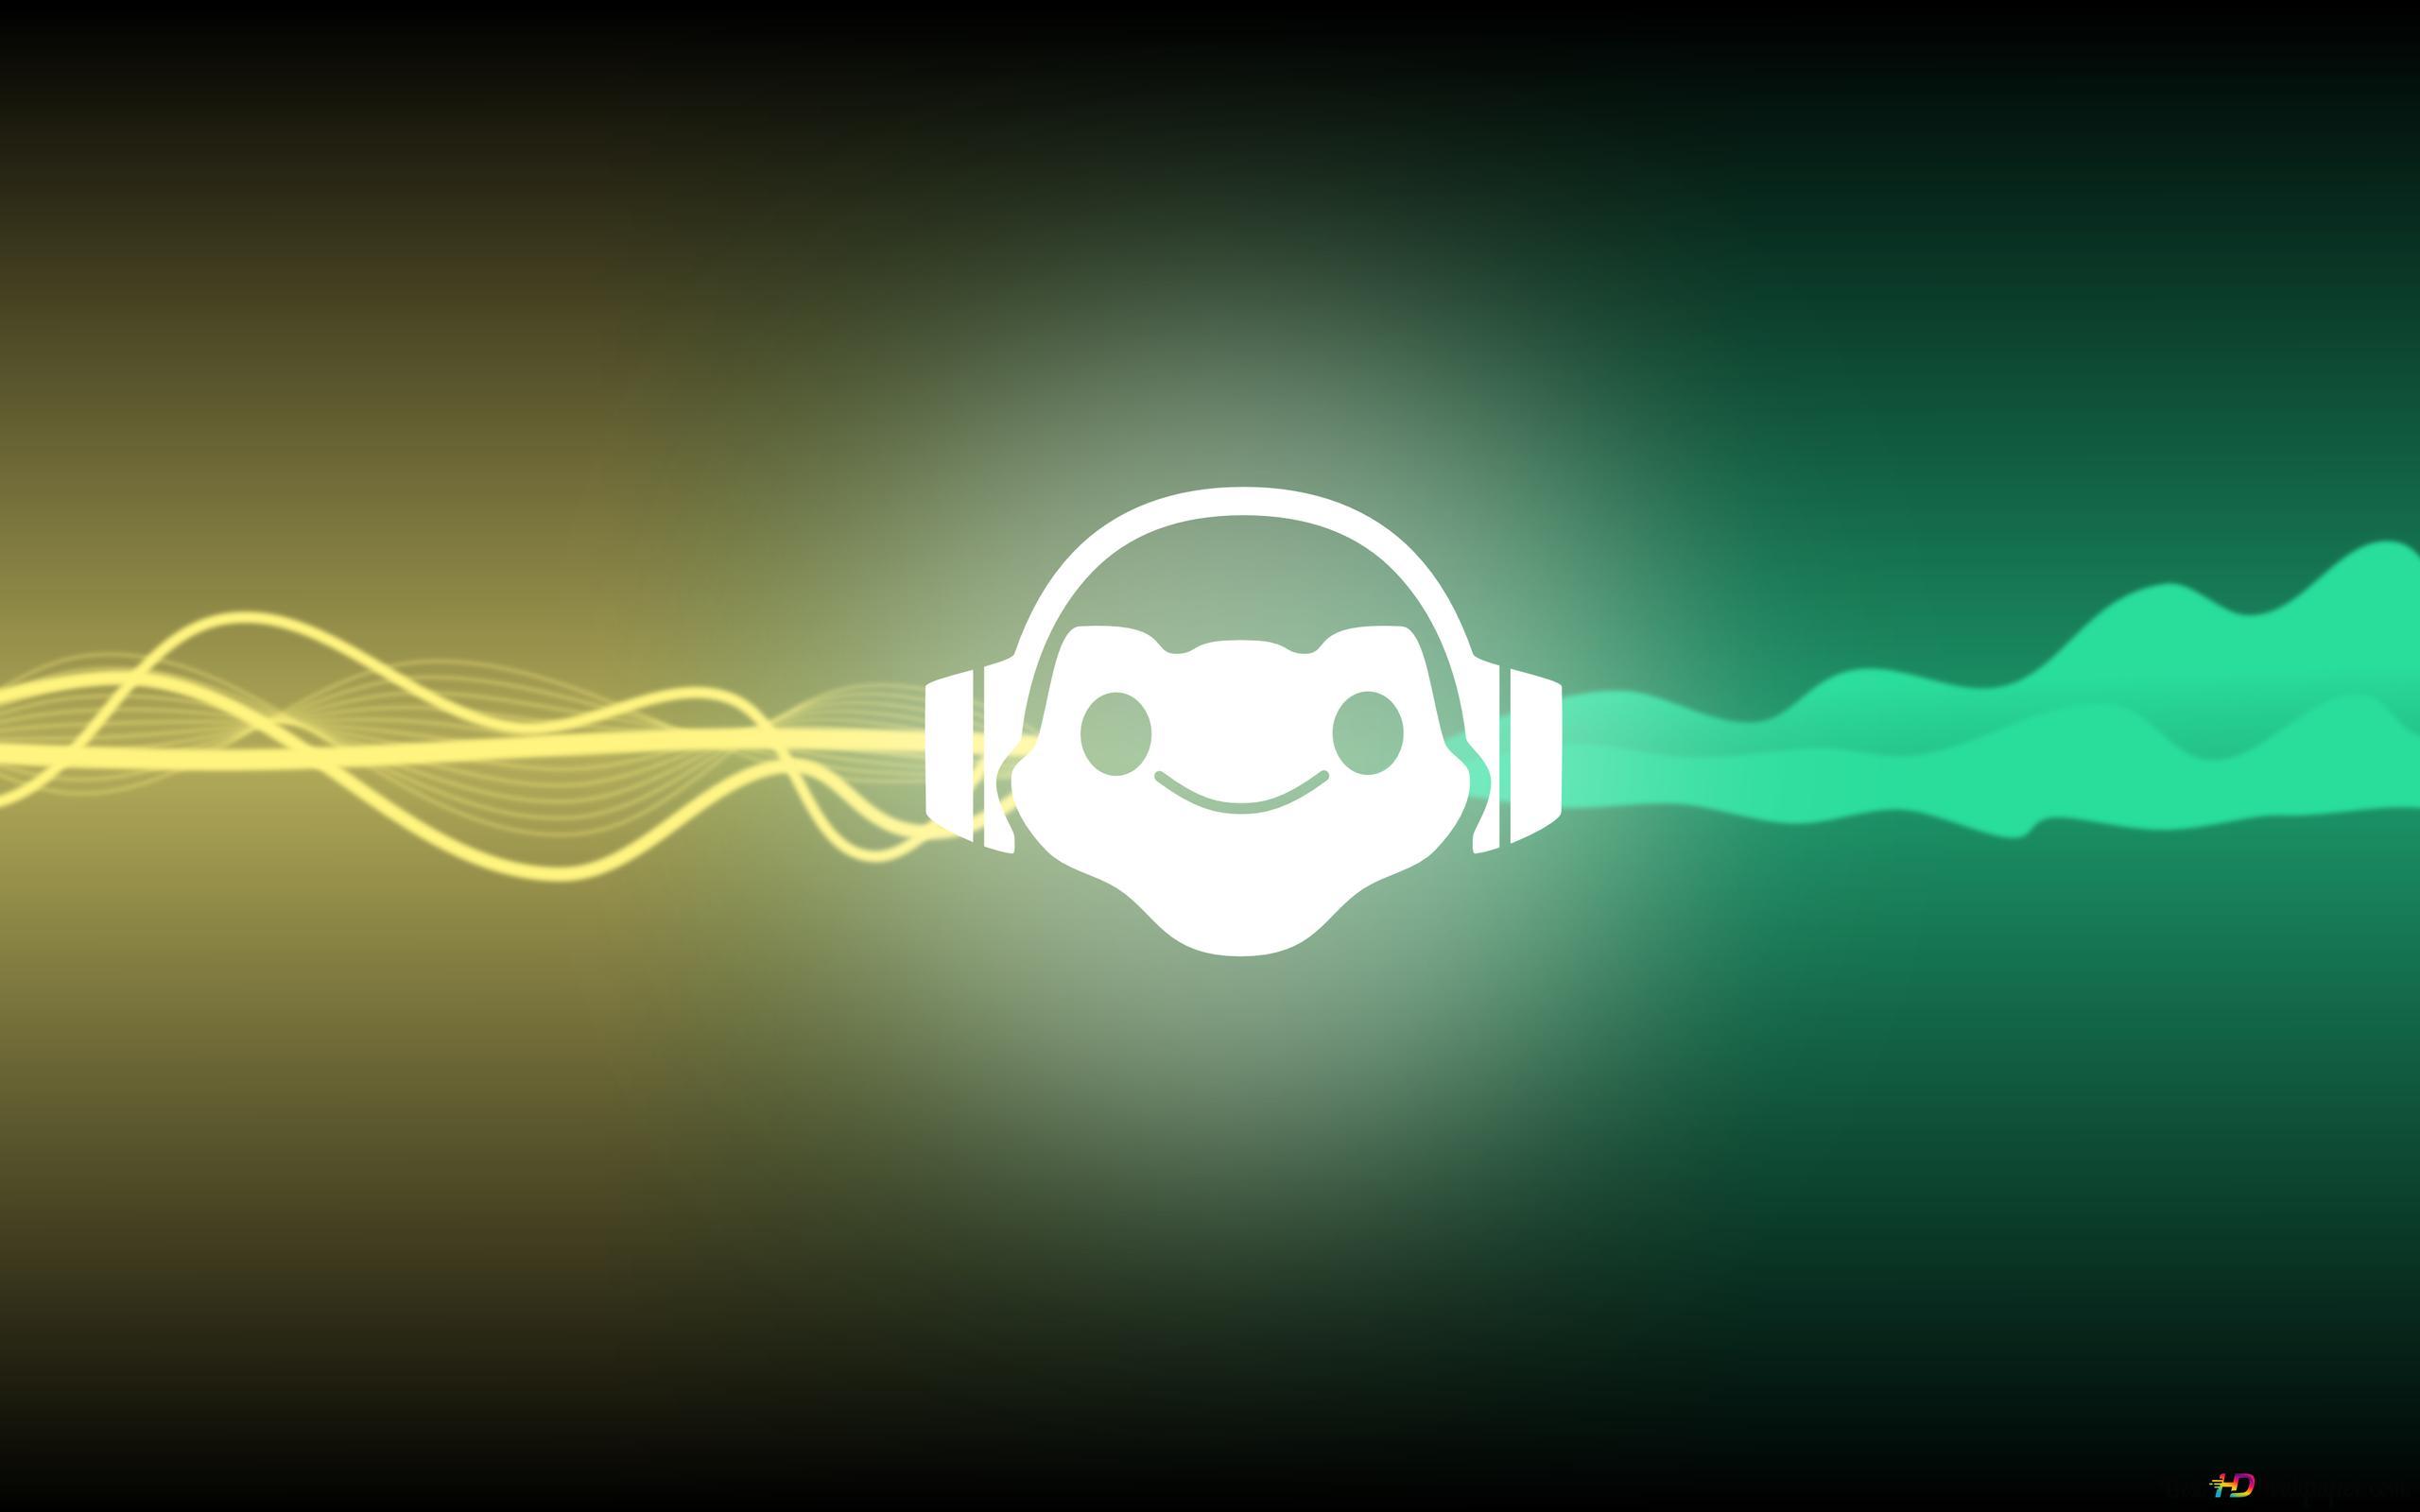 デジタル音楽 Hd壁紙のダウンロード